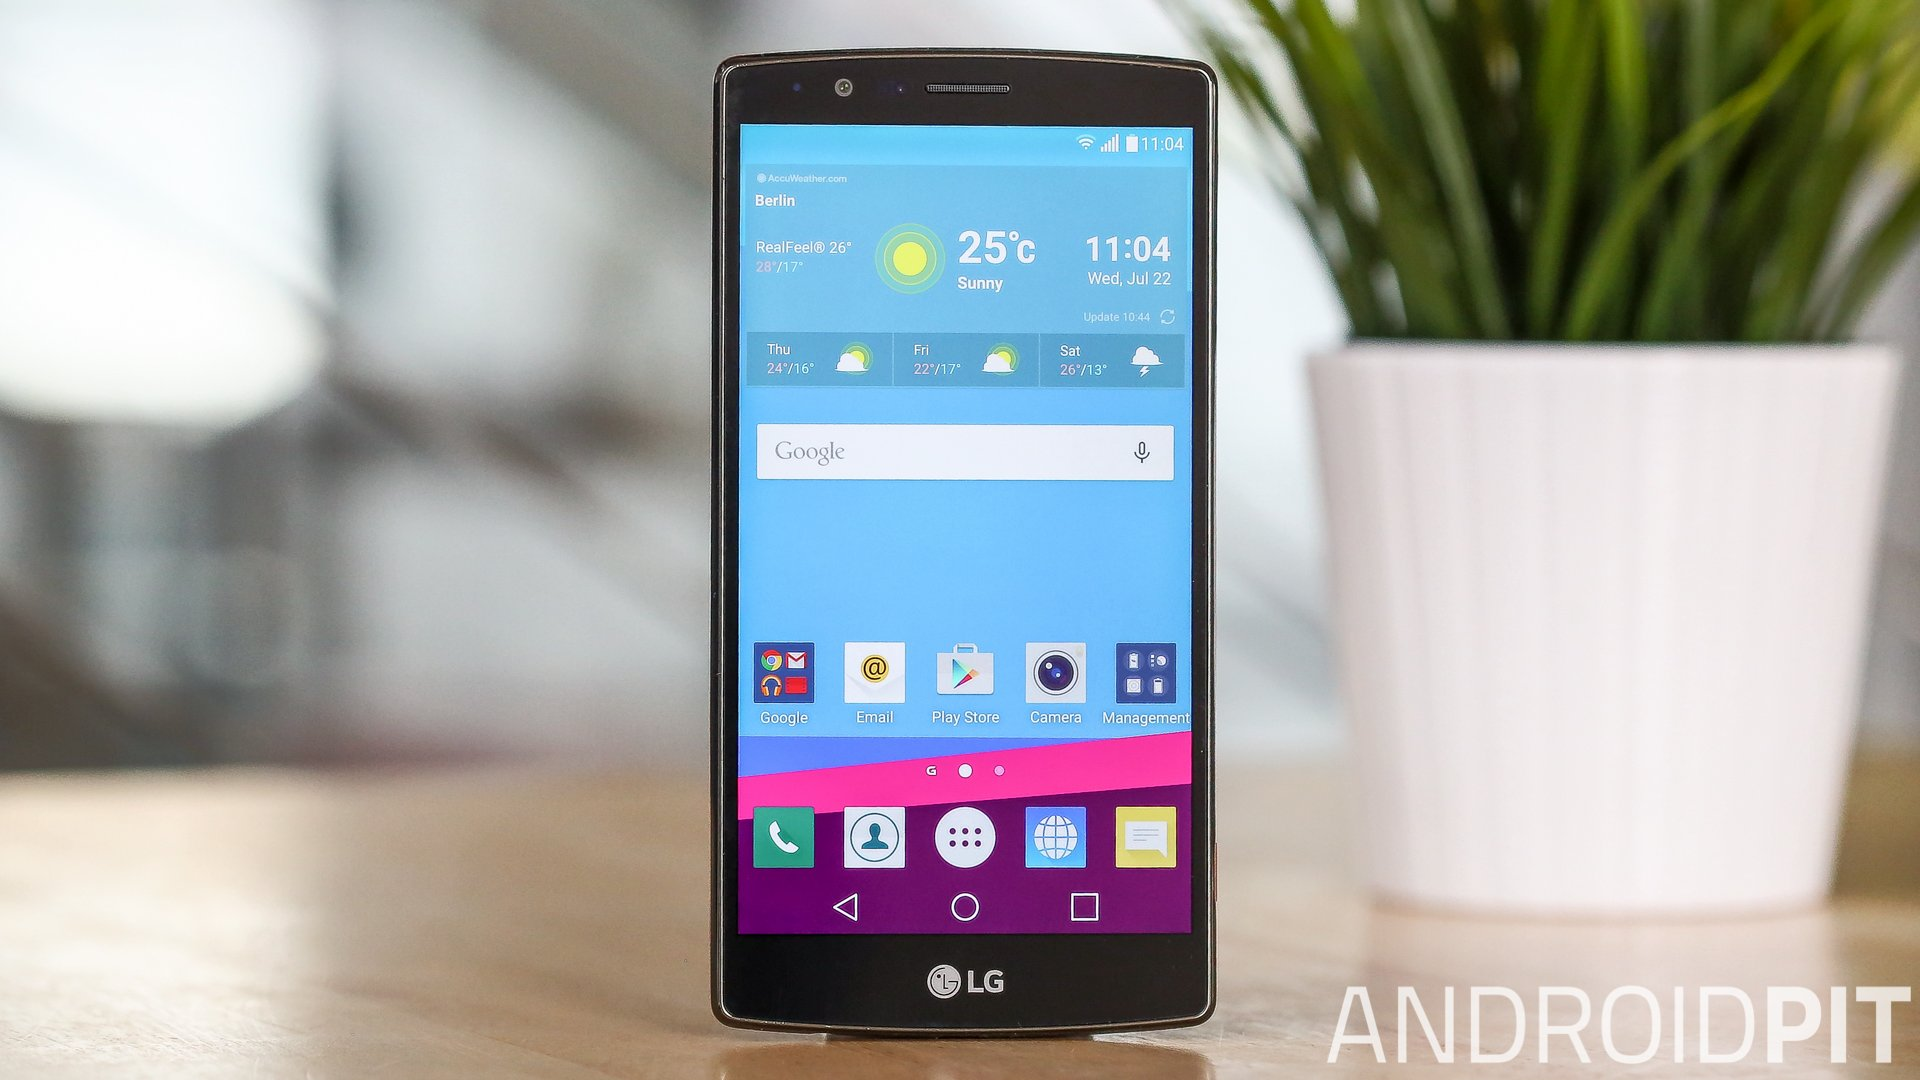 Mise A Jour Du LG G4 Android 60 Marshmallow Est Disponible Au Telechargement